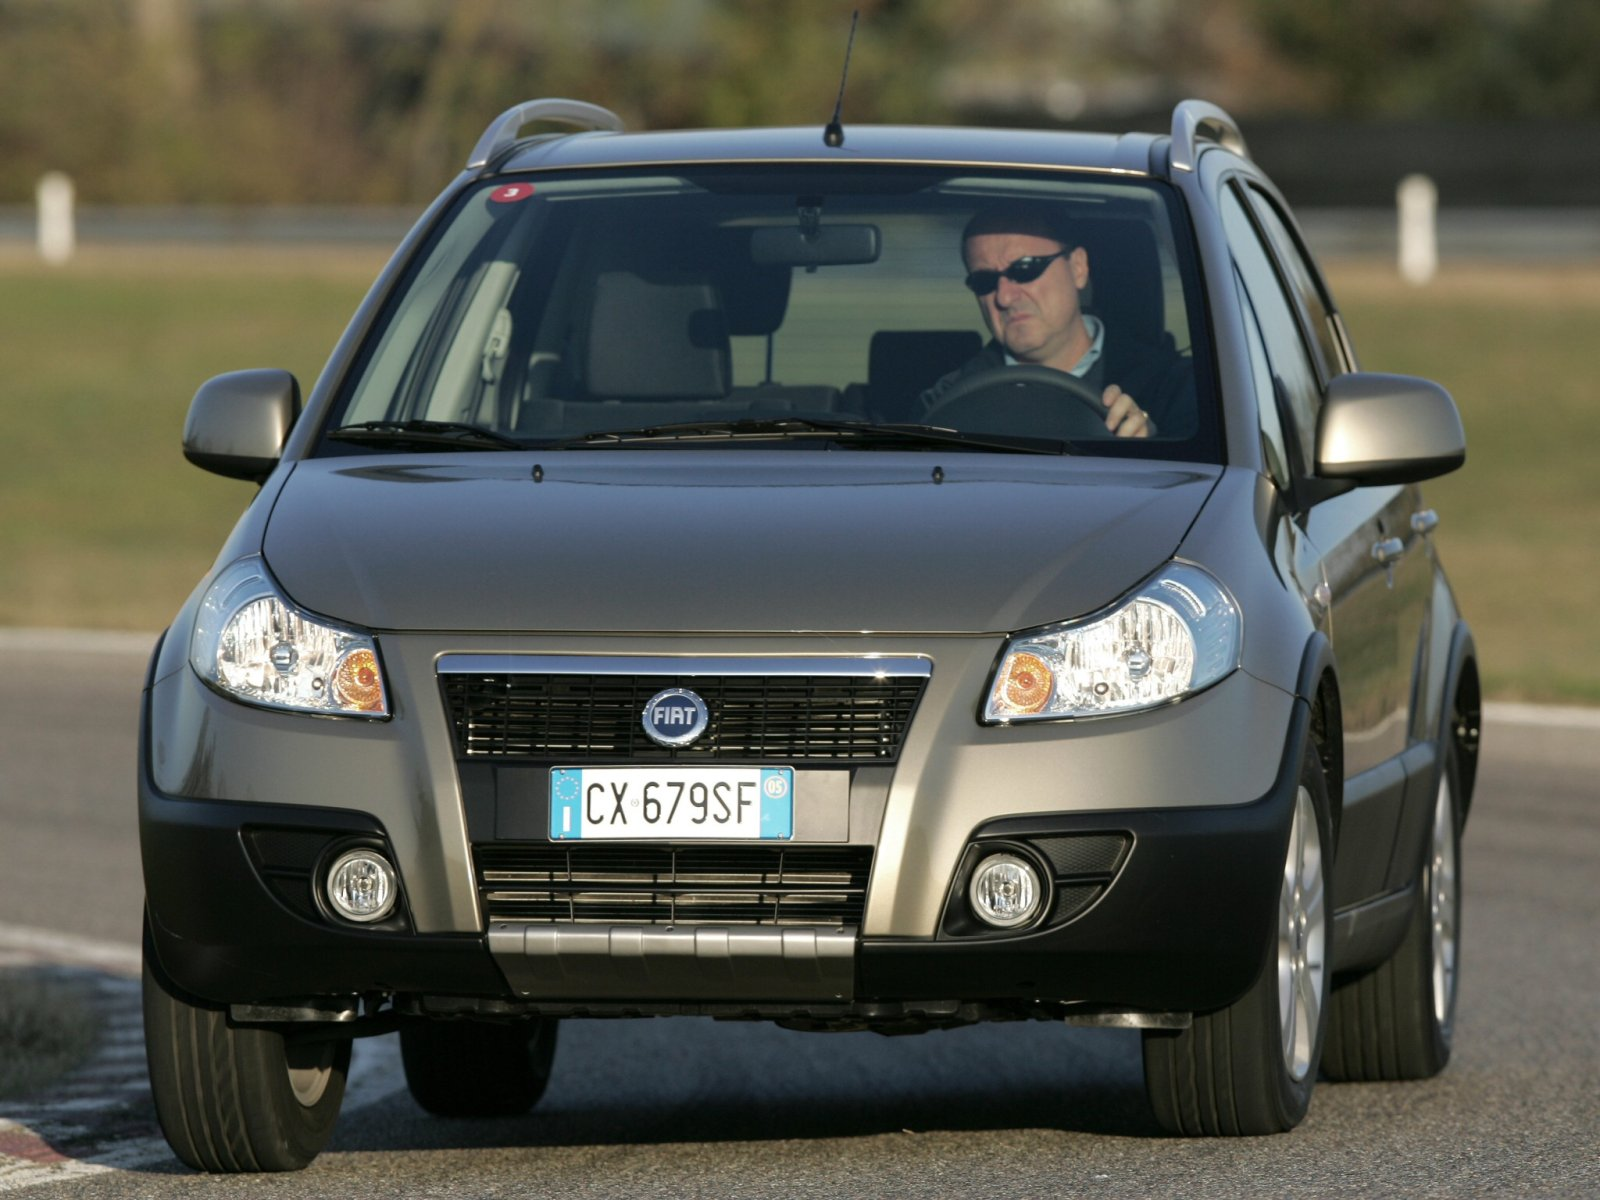 Fiat (Фиат) Sedici 2006-2009 г.